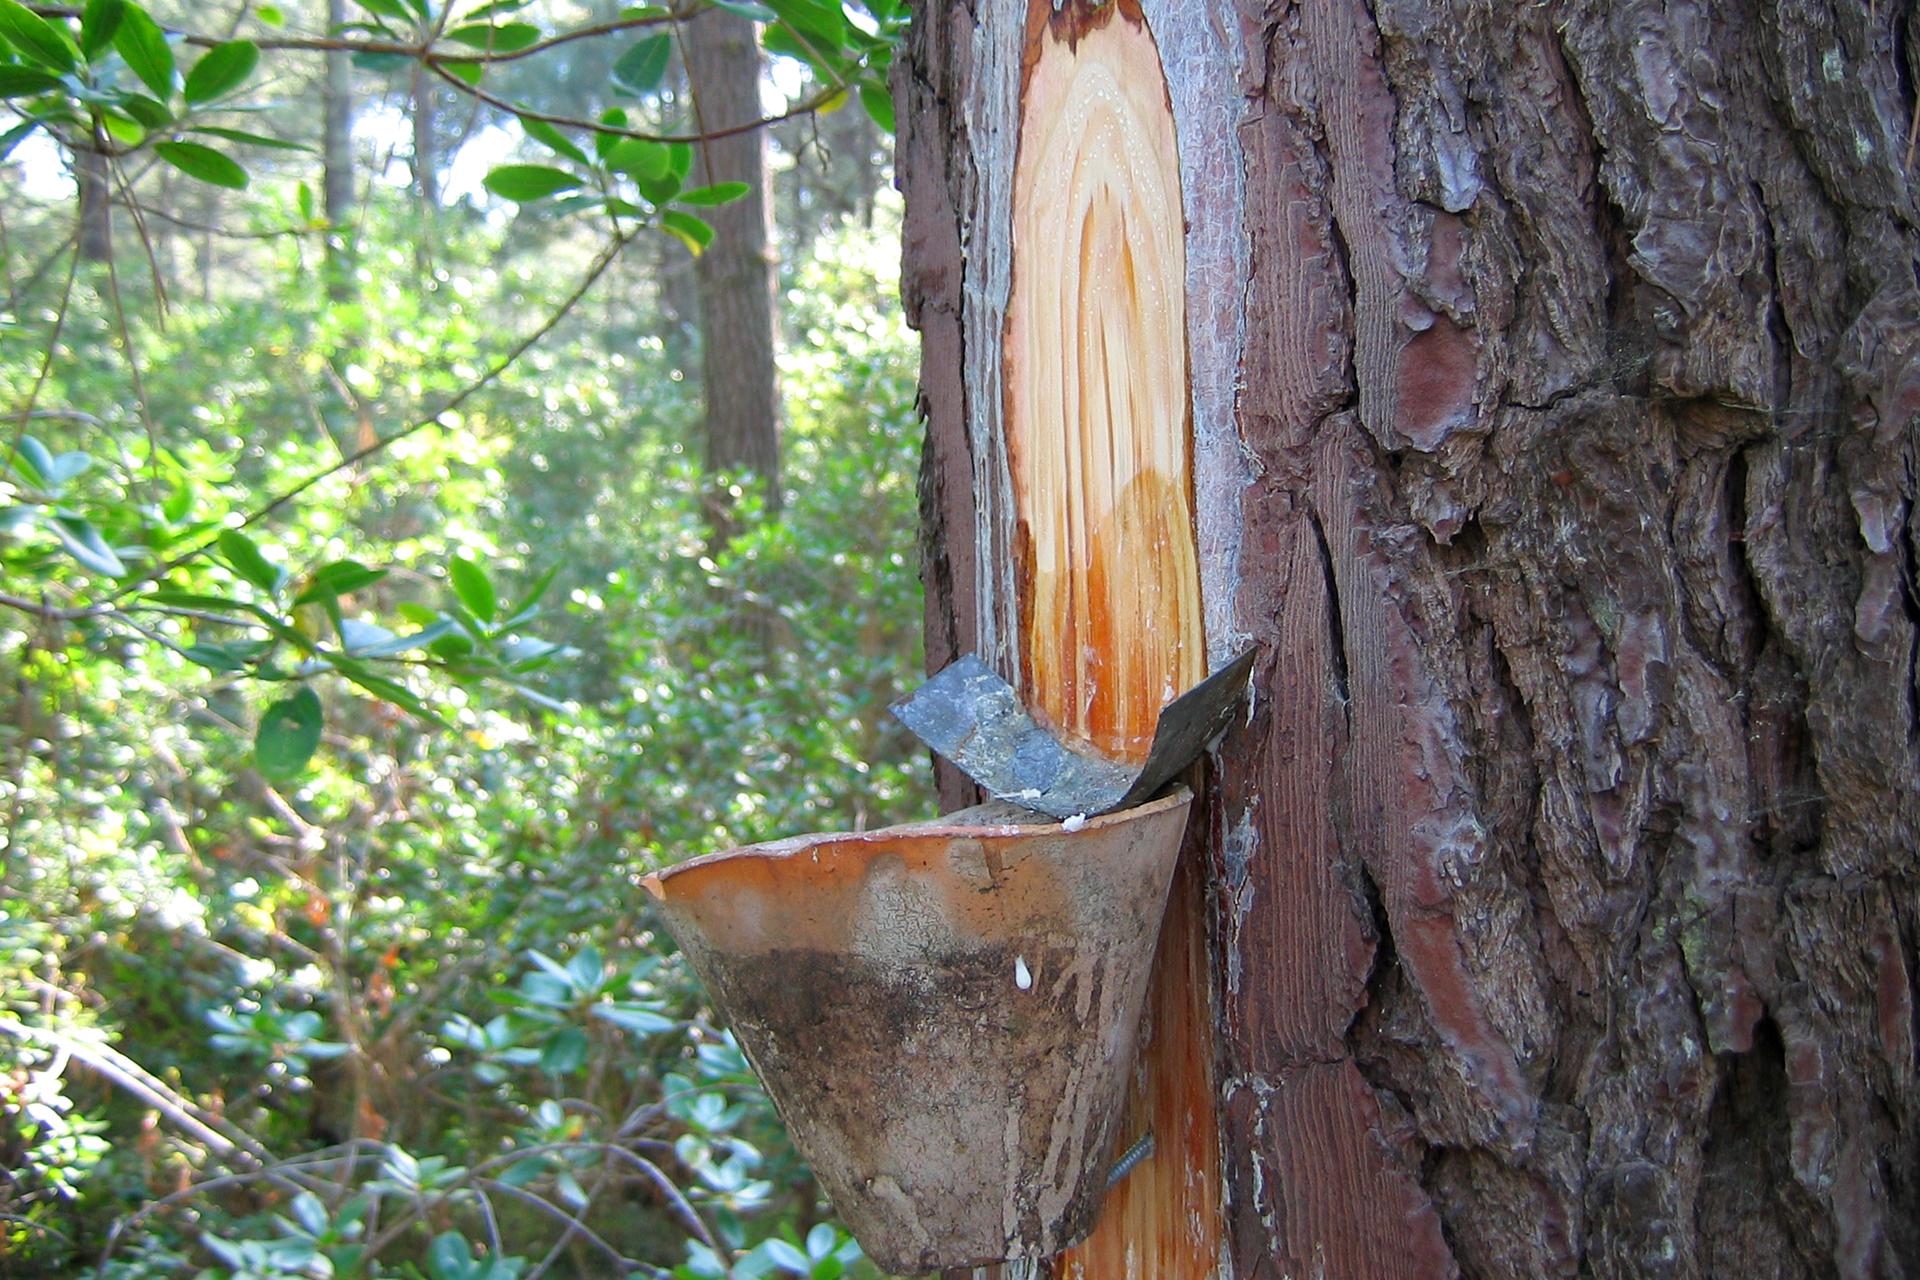 Fotografia przedstawia nacięty wzdłuż pień drzewa iglastego, znajdujący się wlesie. Pod nacięciem znajduje się stożkowaty pojemnik. Nad nim umocowano wygiętą blaszkę do zbierania ściekających znacięcia kropli żywicy.